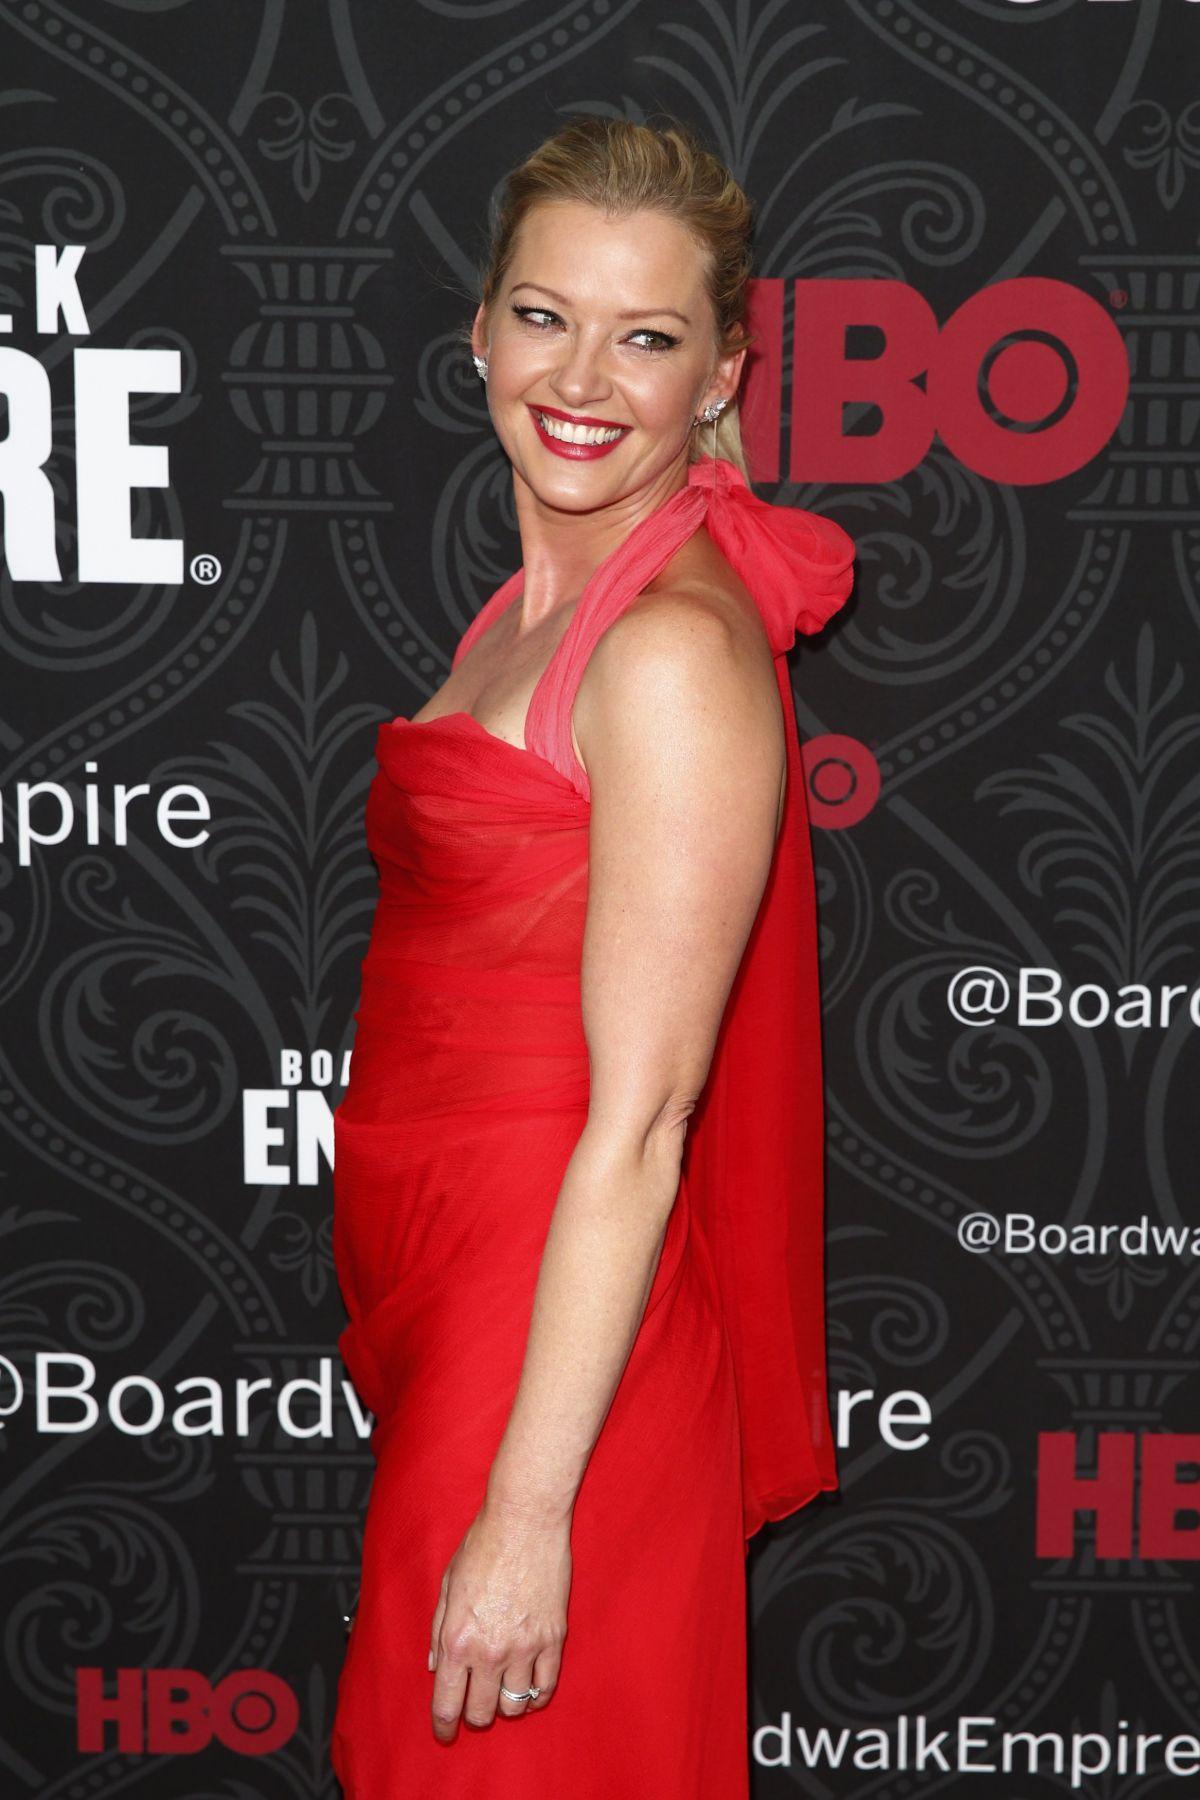 GRETCHEN MOL at Boardwalk Empire Season 5 Premiere in New York